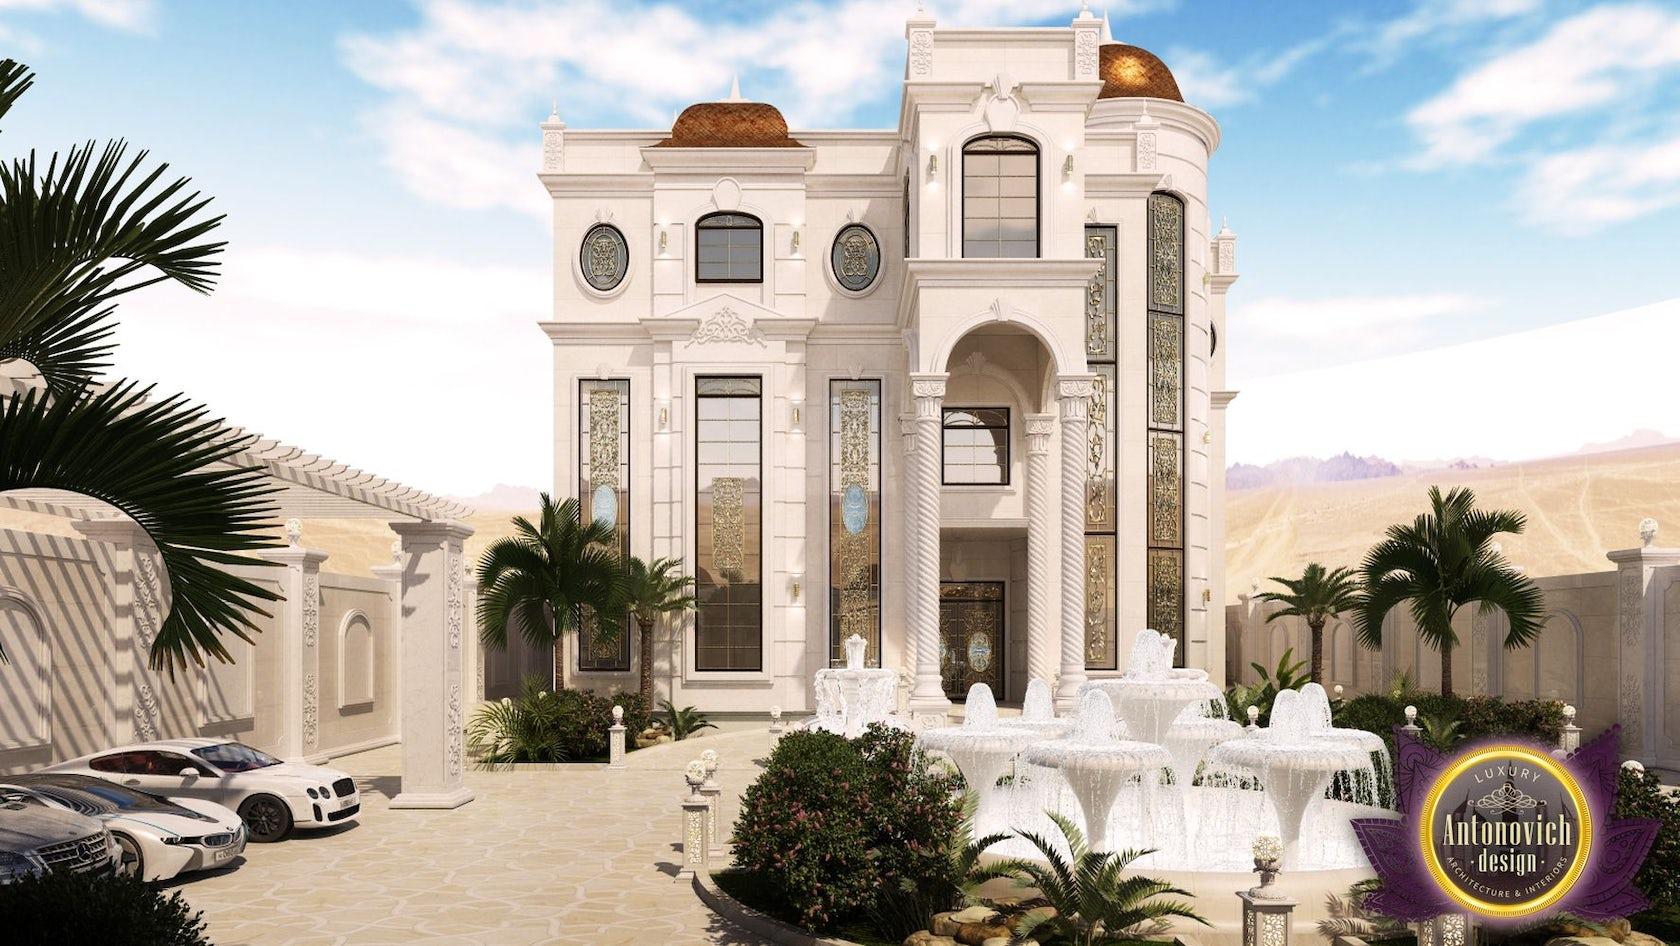 House Exterior Design Of Luxury Antonovich Design By Luxury Antonovich Design Architizer